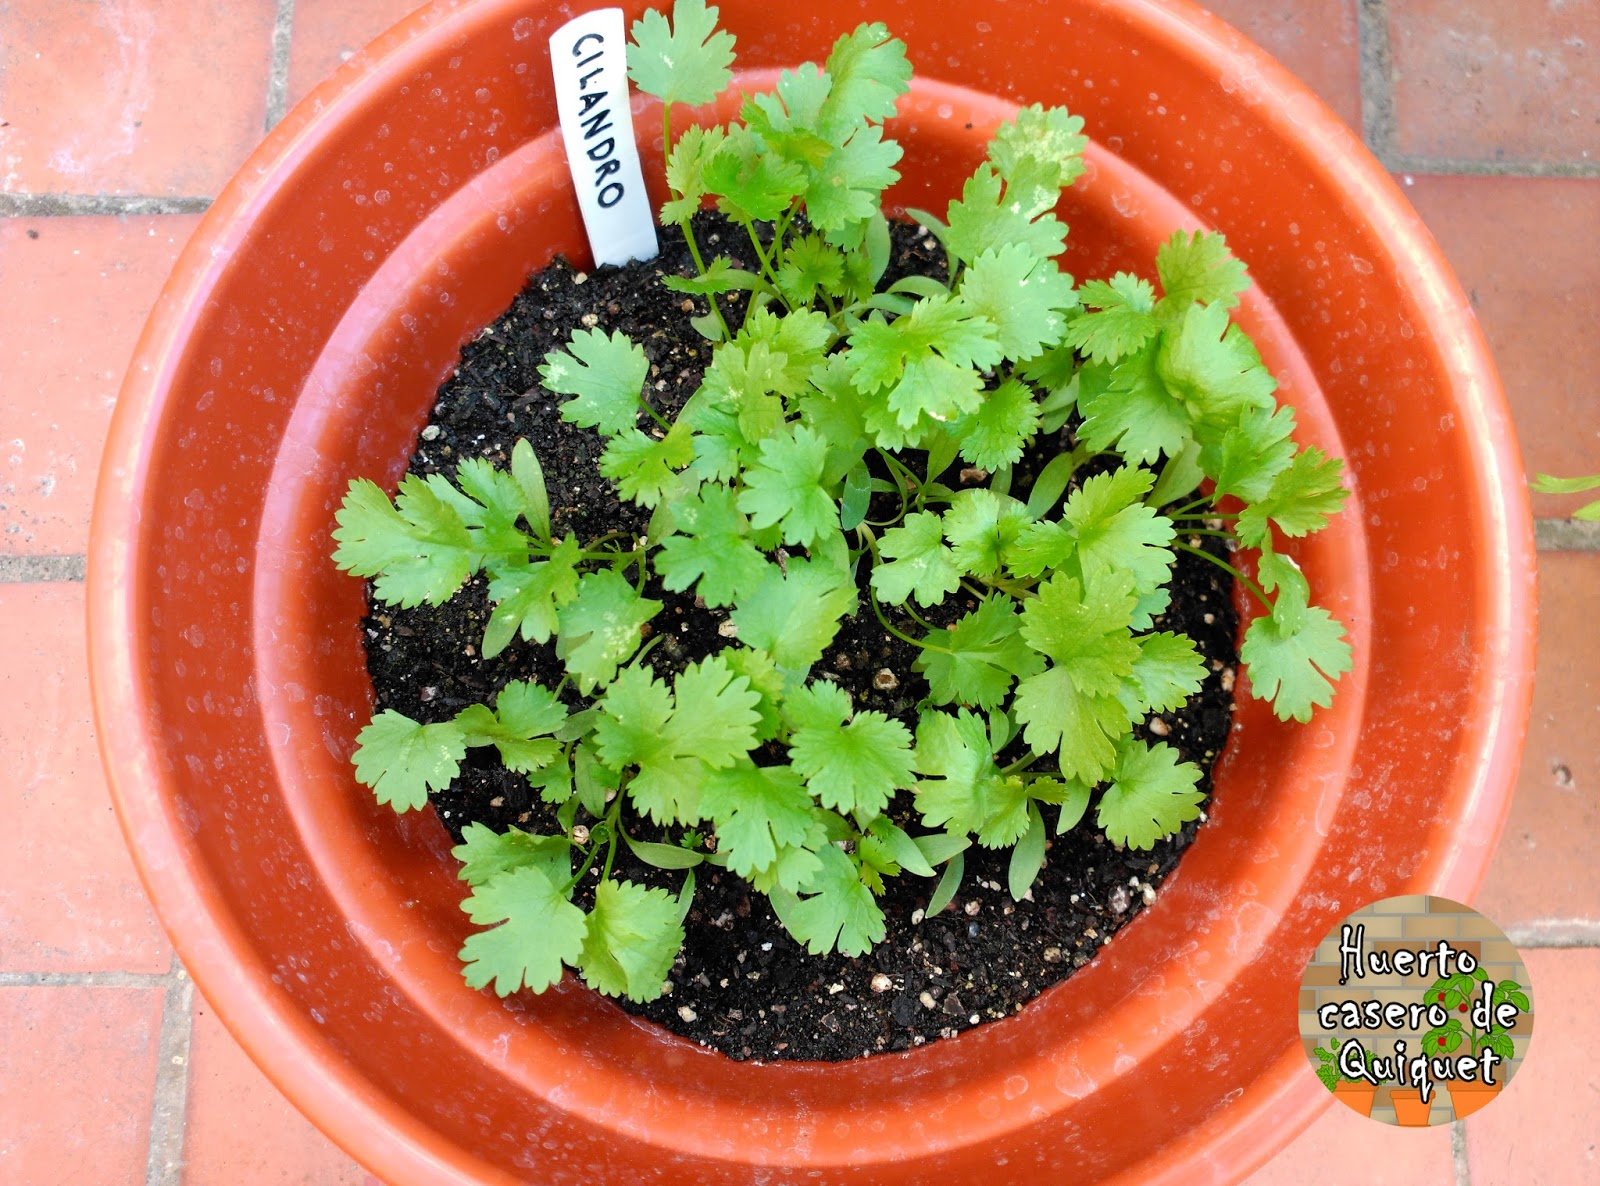 Huerto casero de quiquet como sembrar cilantro en casa for Como sembrar semillas en macetas